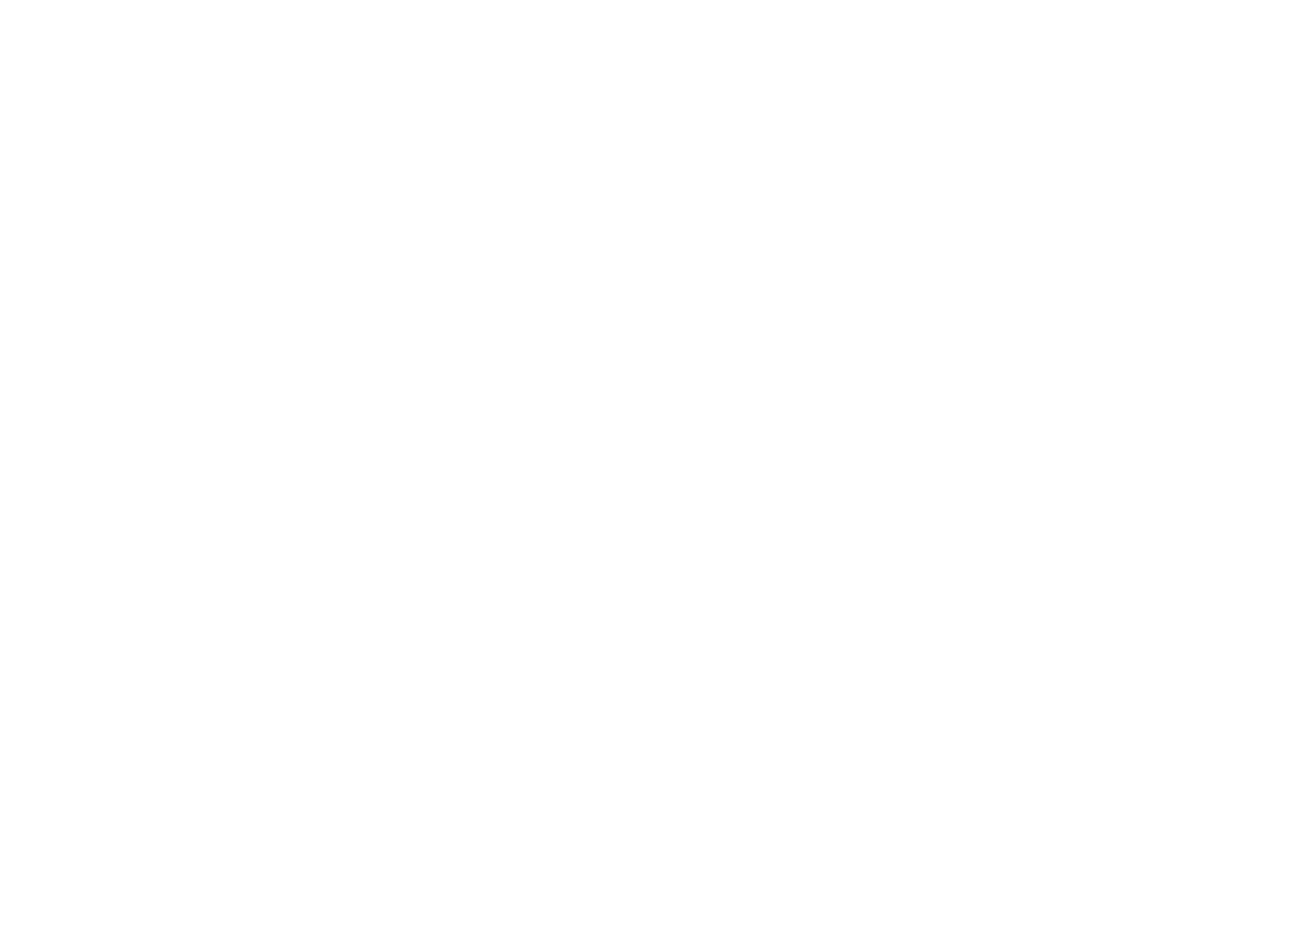 Logo e.noveo + baseline blanc sur fond blanc